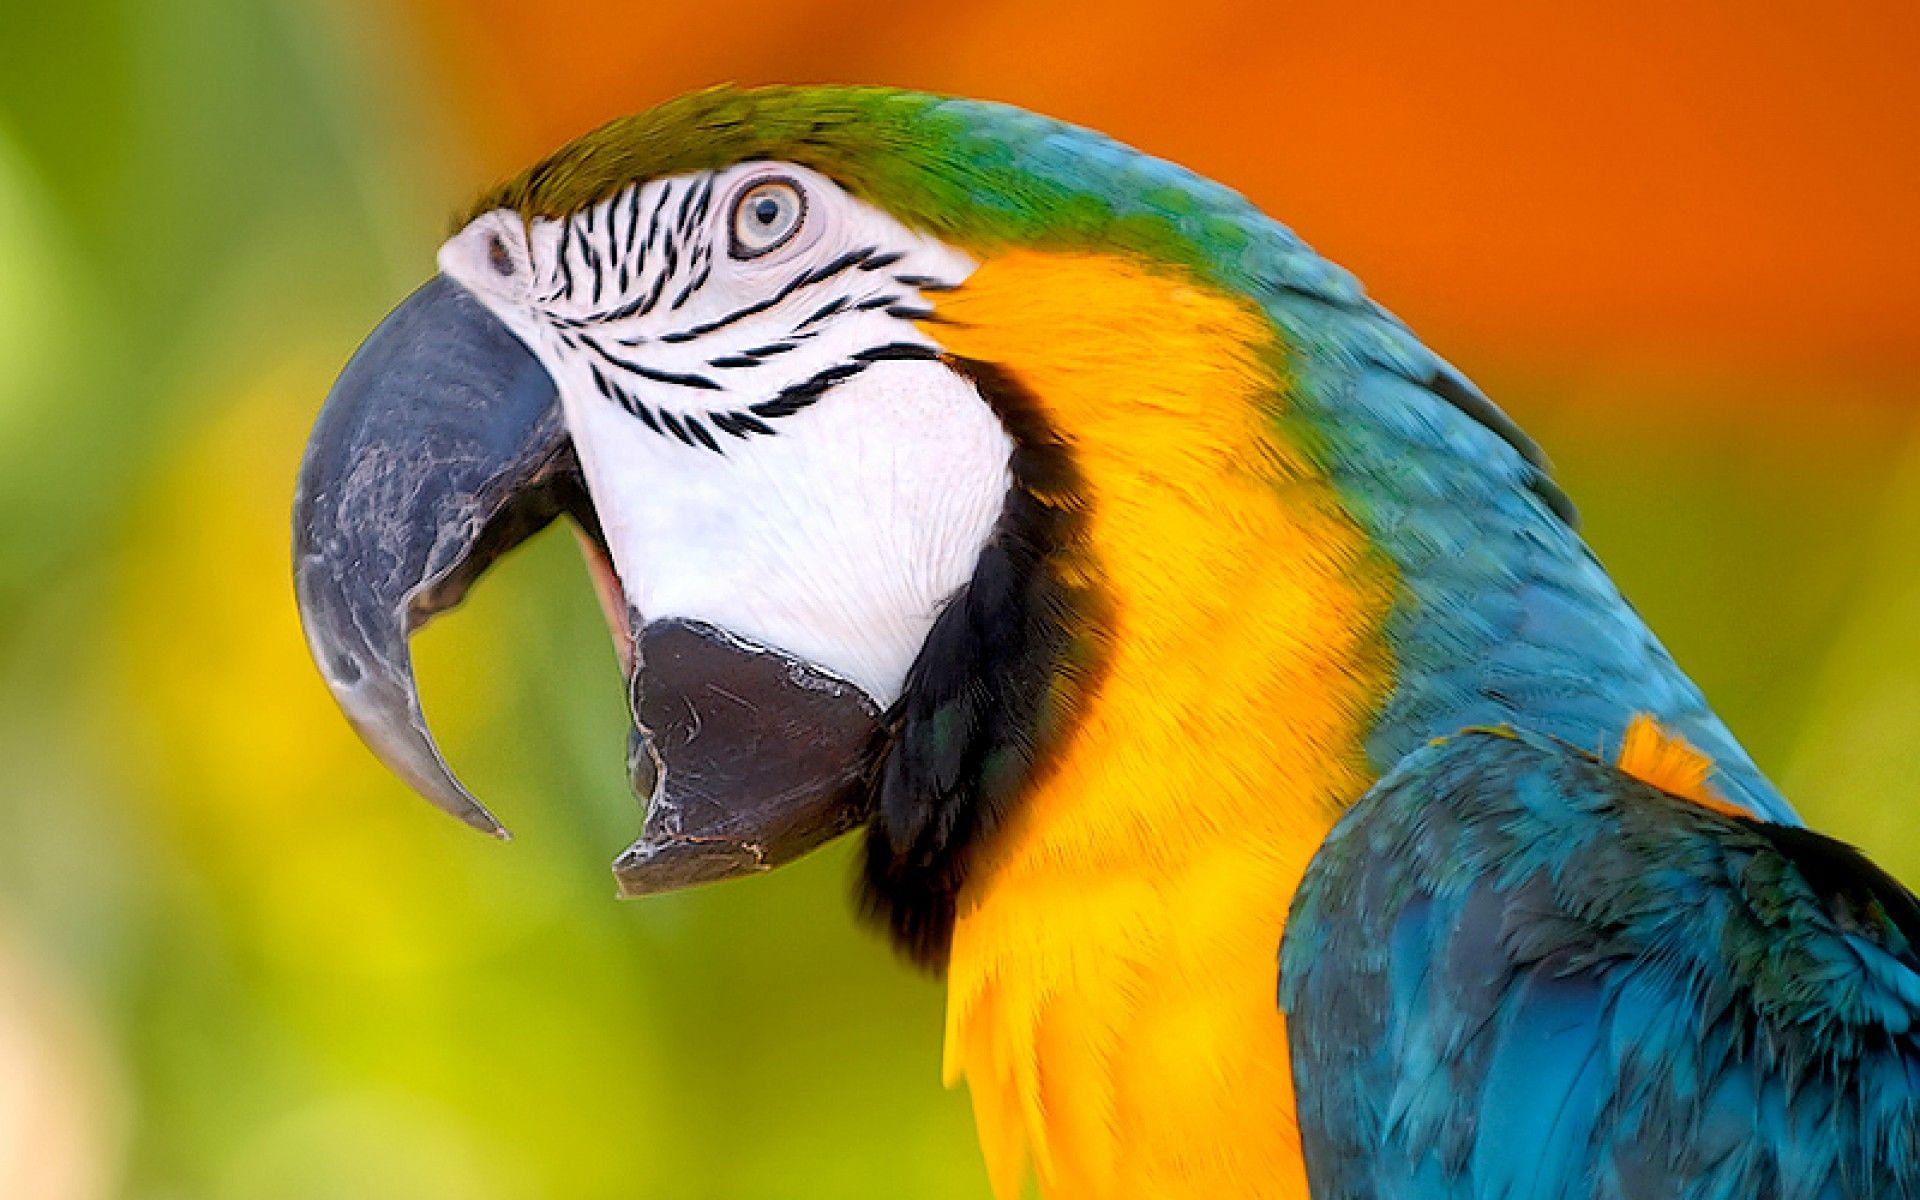 Parrot Wallpapers Wallpaper Wallpapers For Desktop